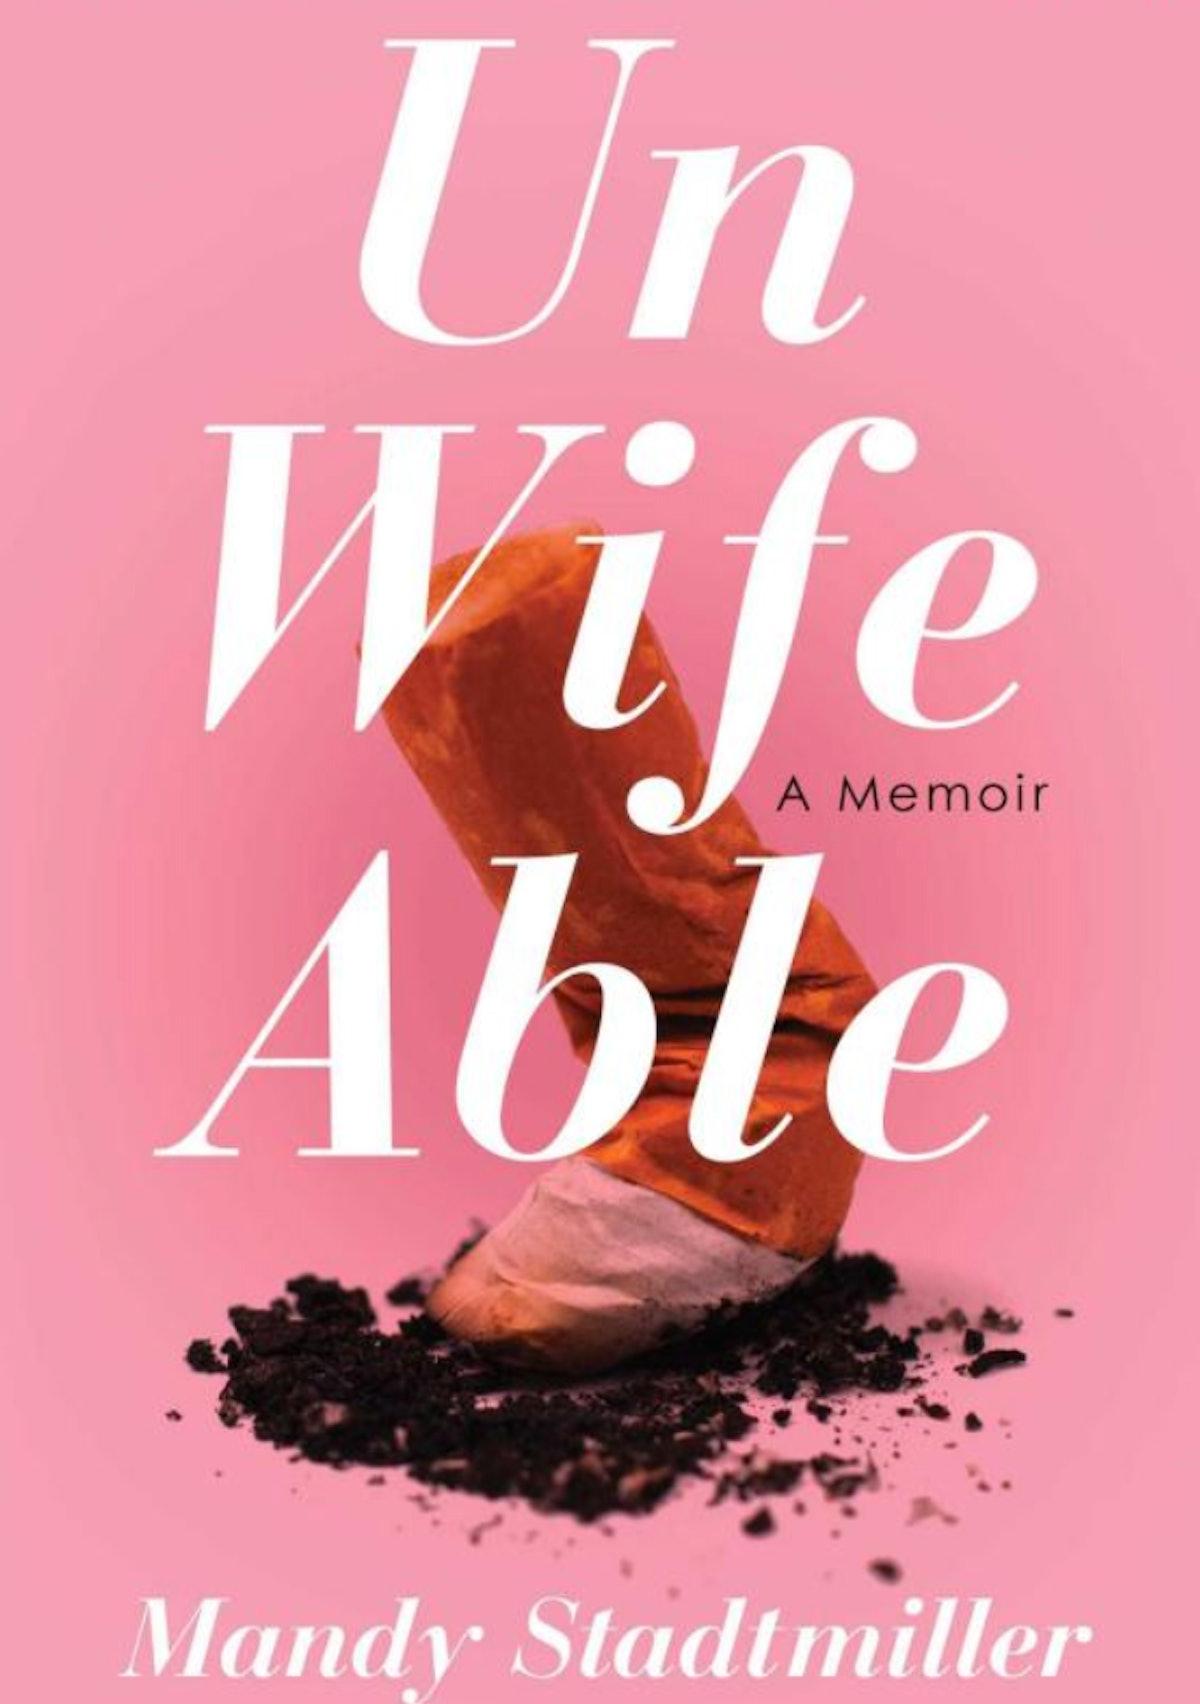 Unwifeable: A Memoir by Mandy Stadtmiller